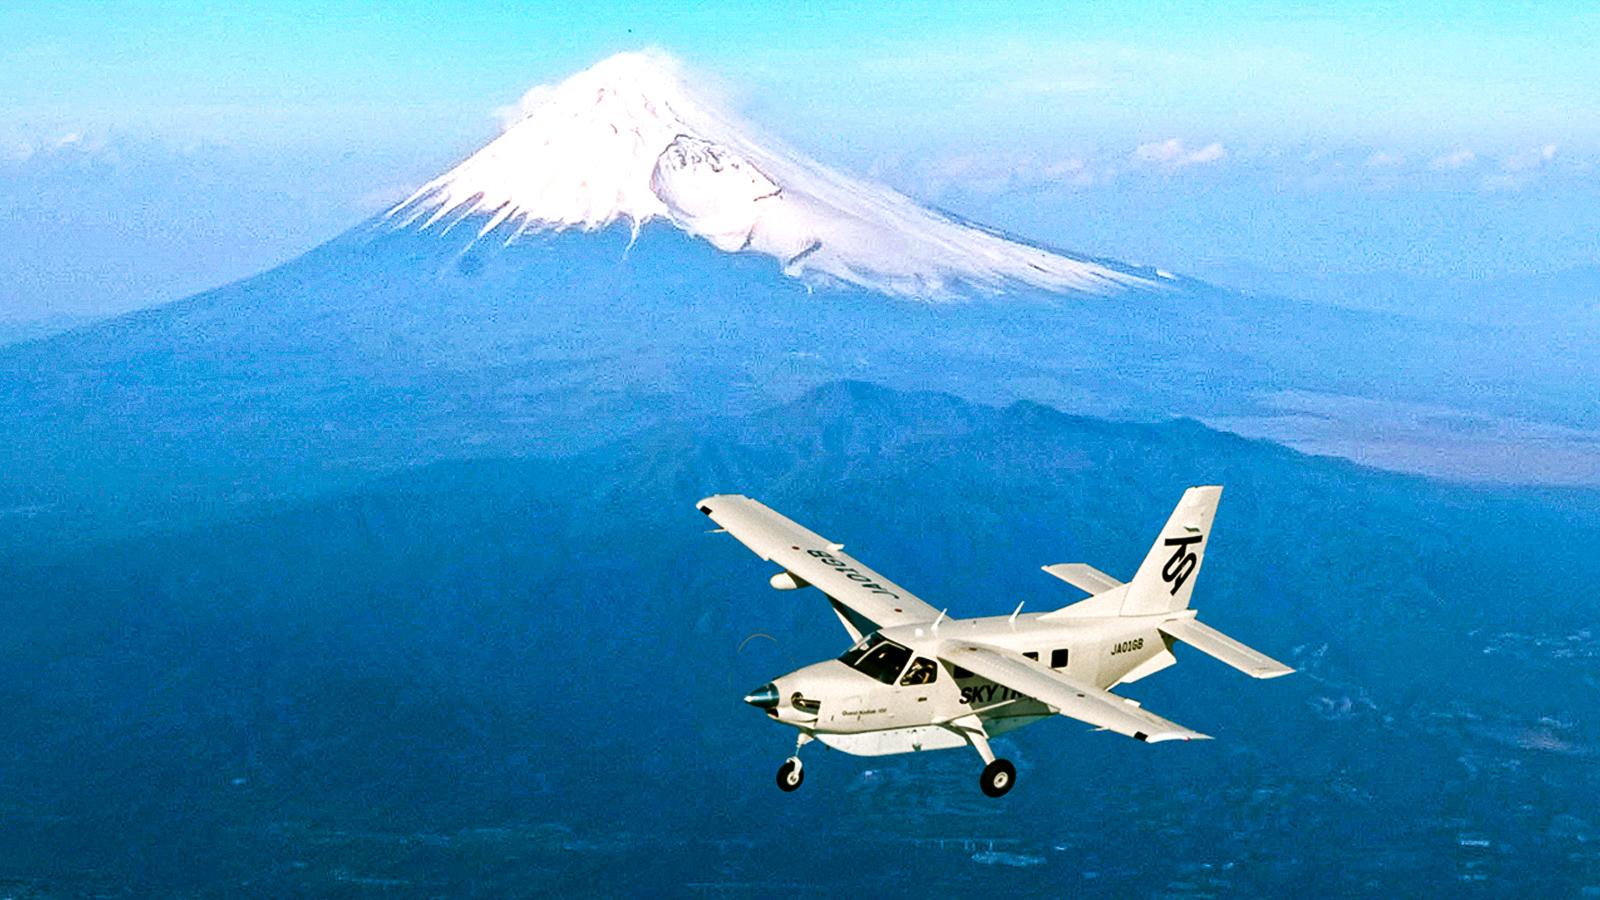 日本東京出發富士山+新宿上空遊覽飛行體驗半日遊(東京23區專車接送)